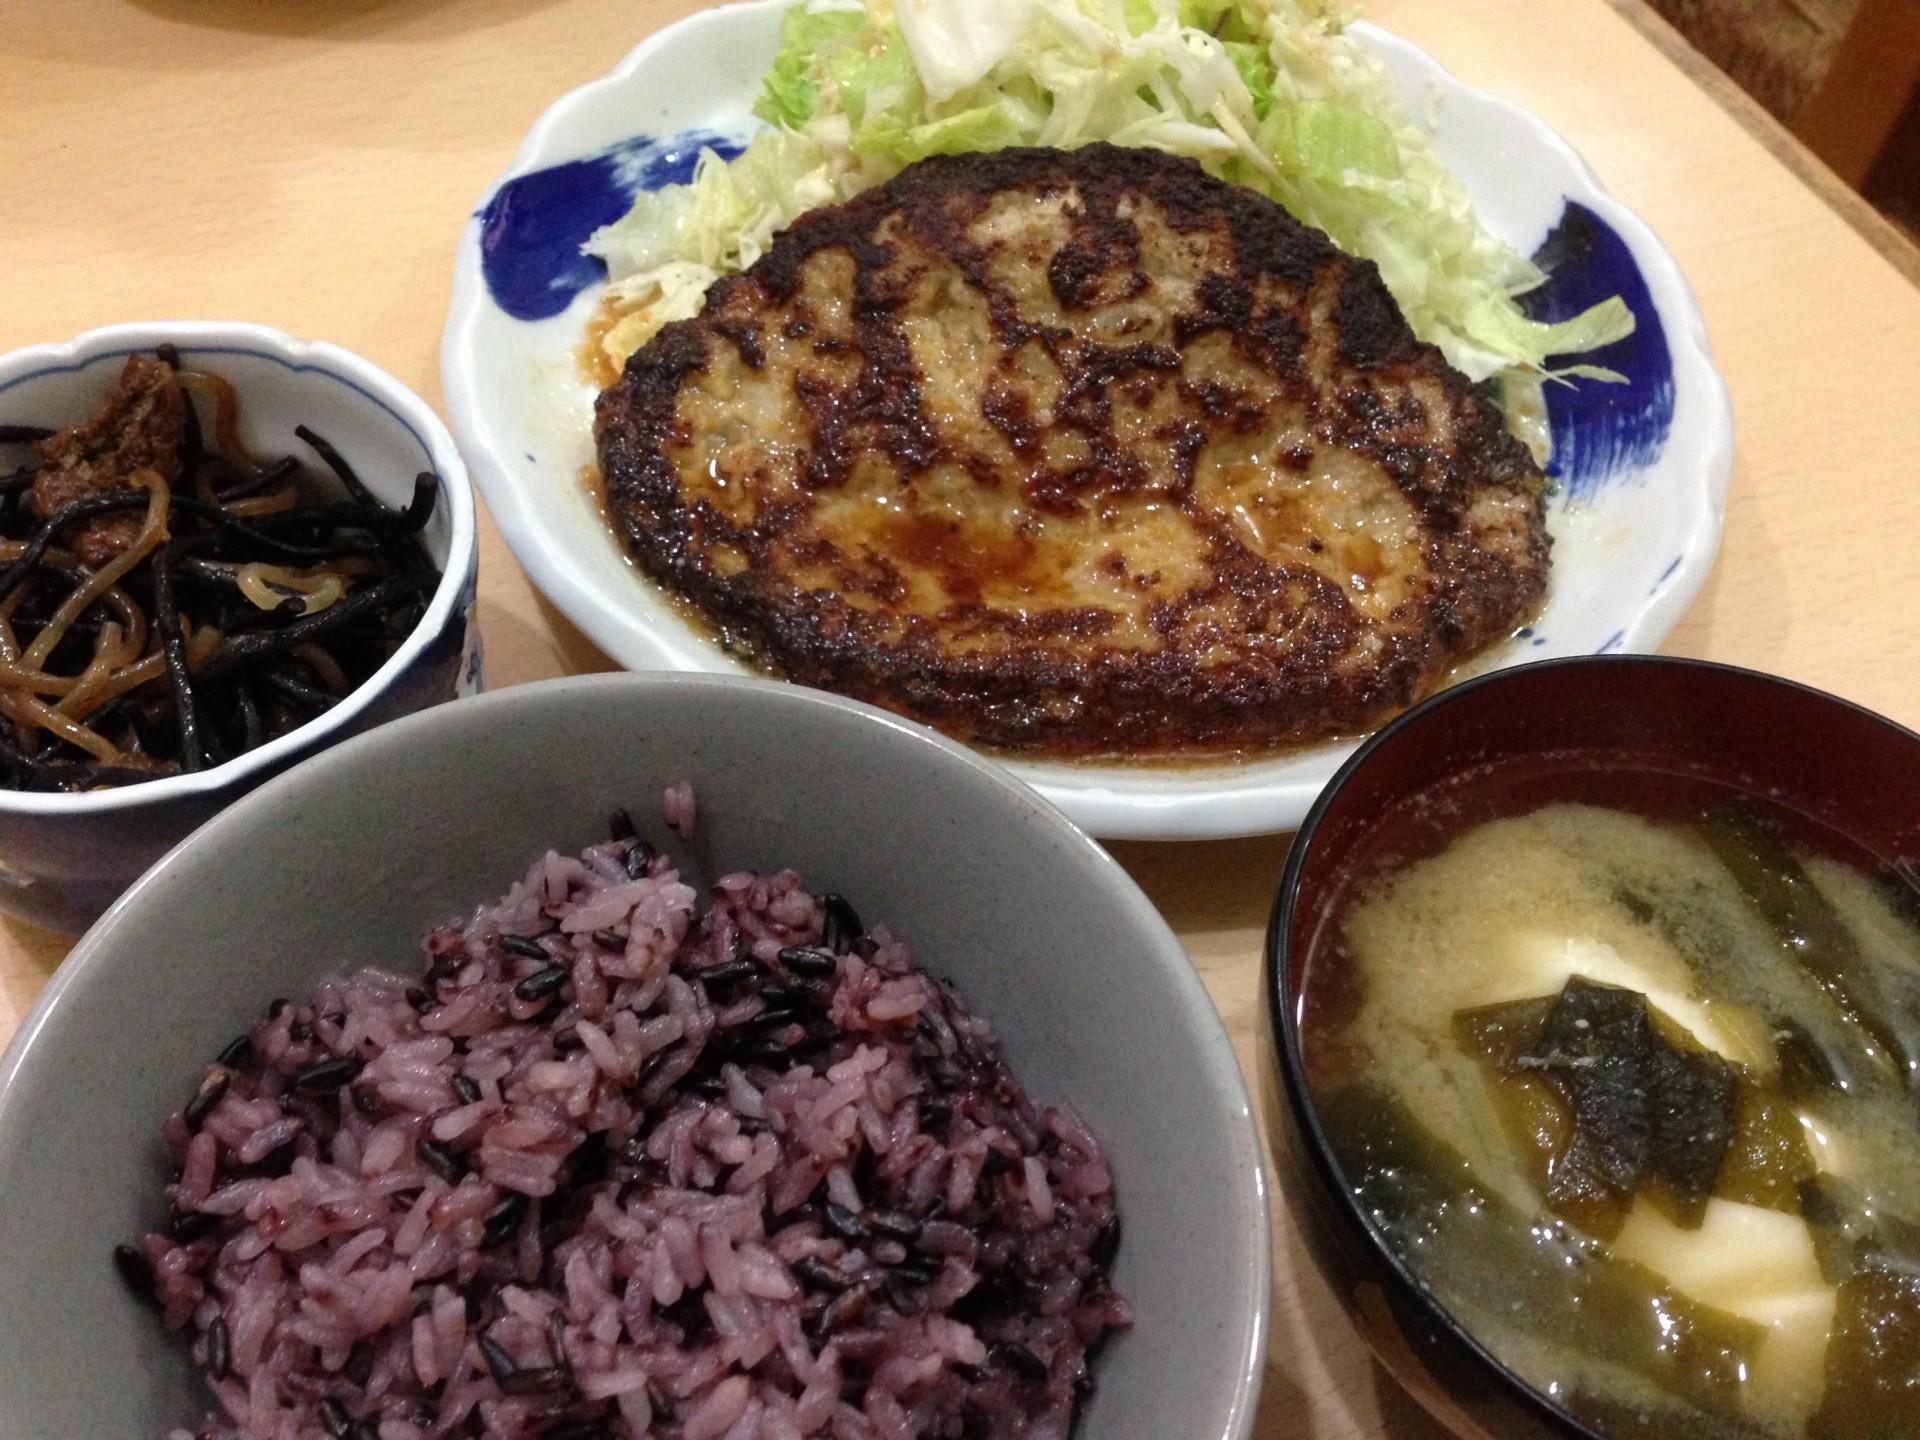 定食の黒米ご飯は運が良ければ出会えます!